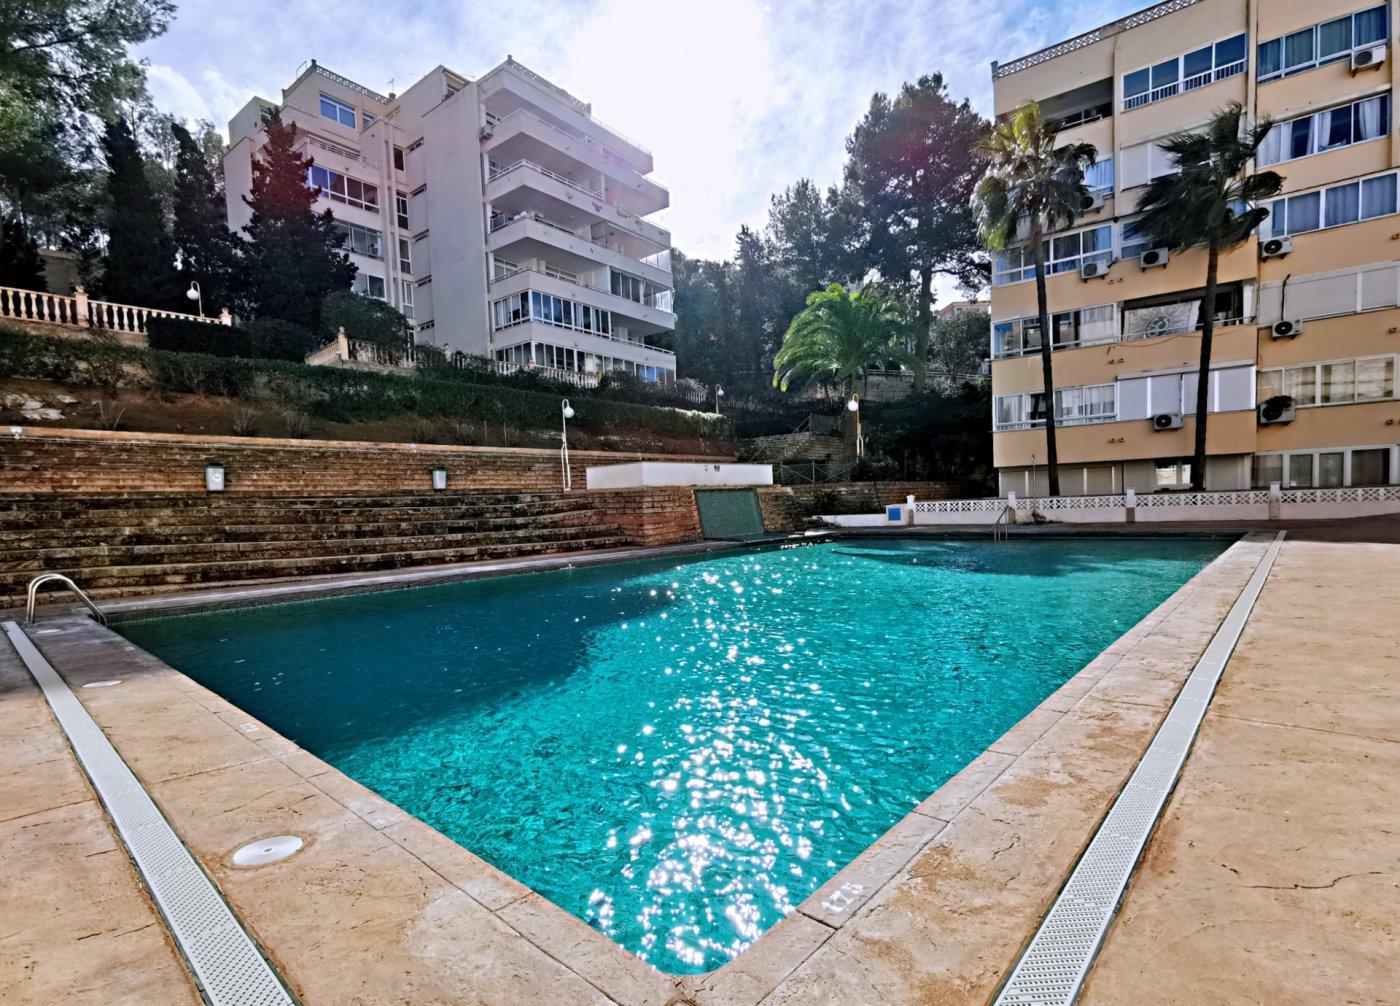 Se vende piso de dos dormitorios con piscina y parking comunitaria - imagenInmueble3